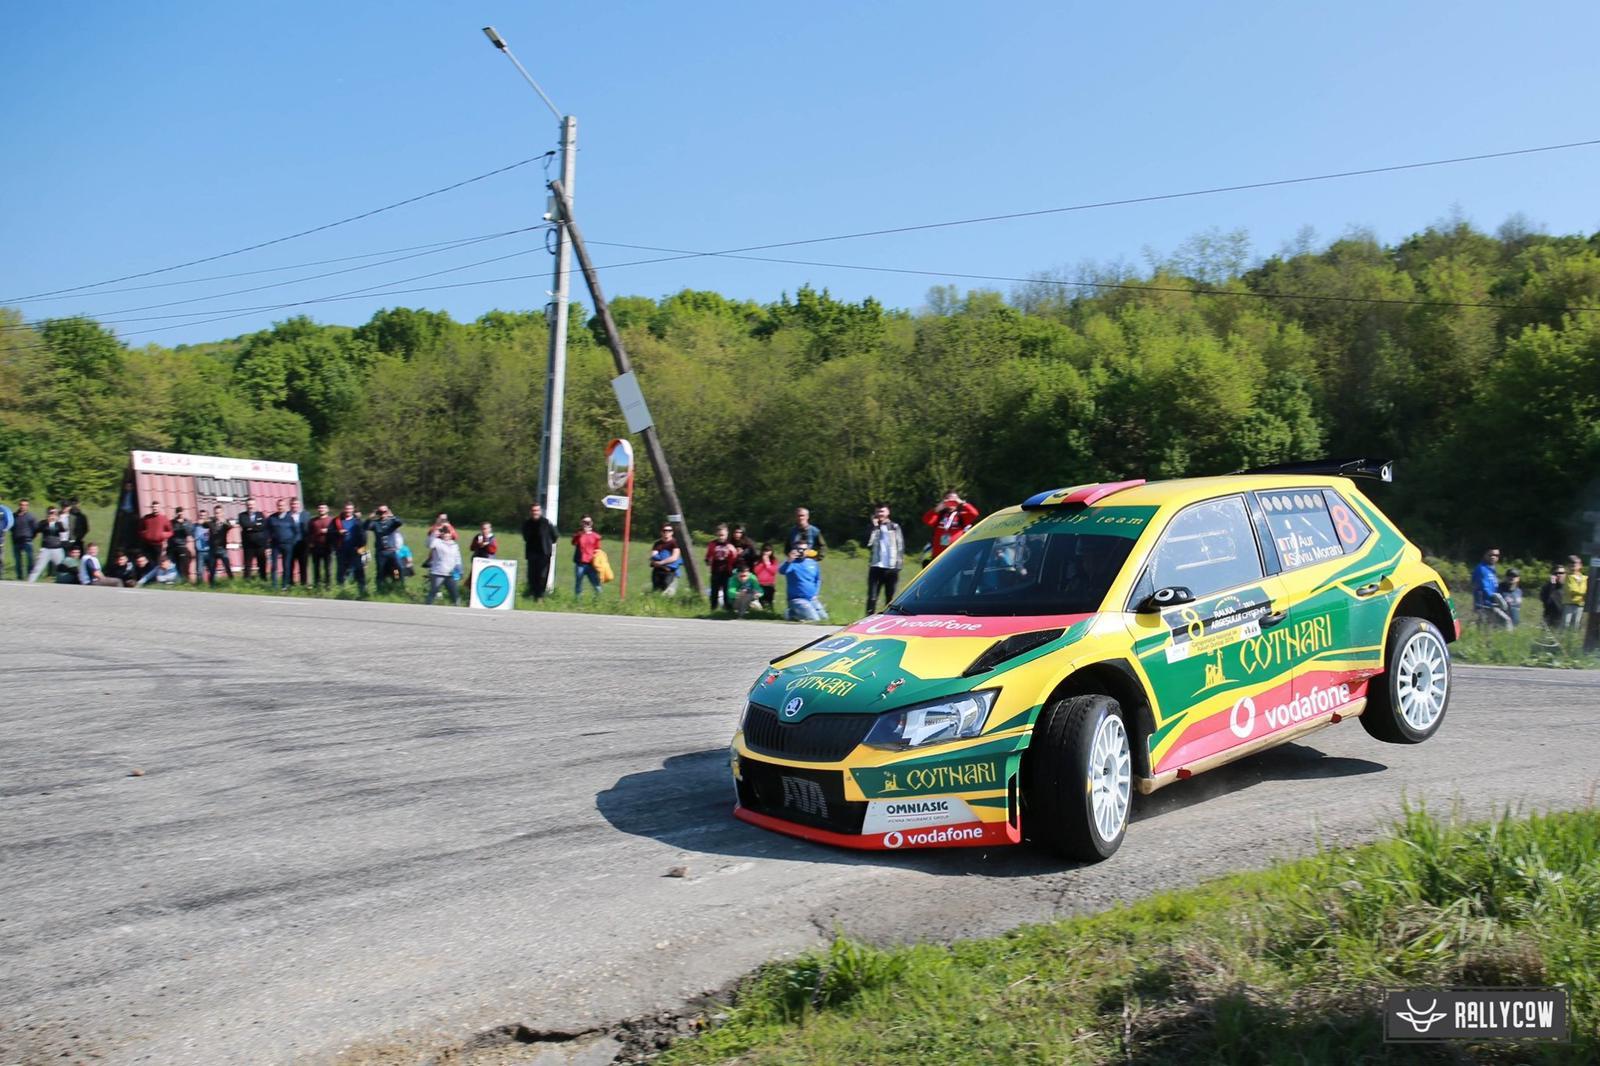 Un viraj abordat prea optimist a pus punct prematur evolutiei echipajului Cotnari Rally Team